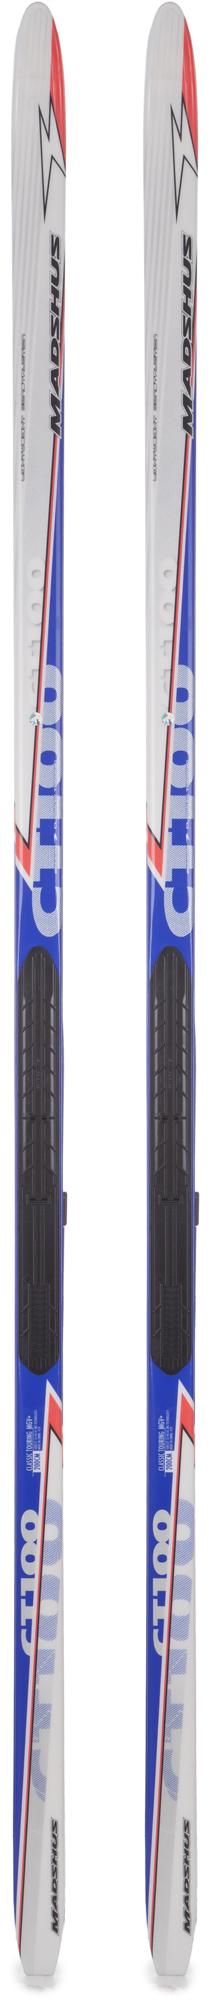 Madshus Беговые лыжи Madshus CT 100 MGV+ Skis XC sport лыжи беговые tisa top universal с креплением цвет желтый белый черный рост 182 см